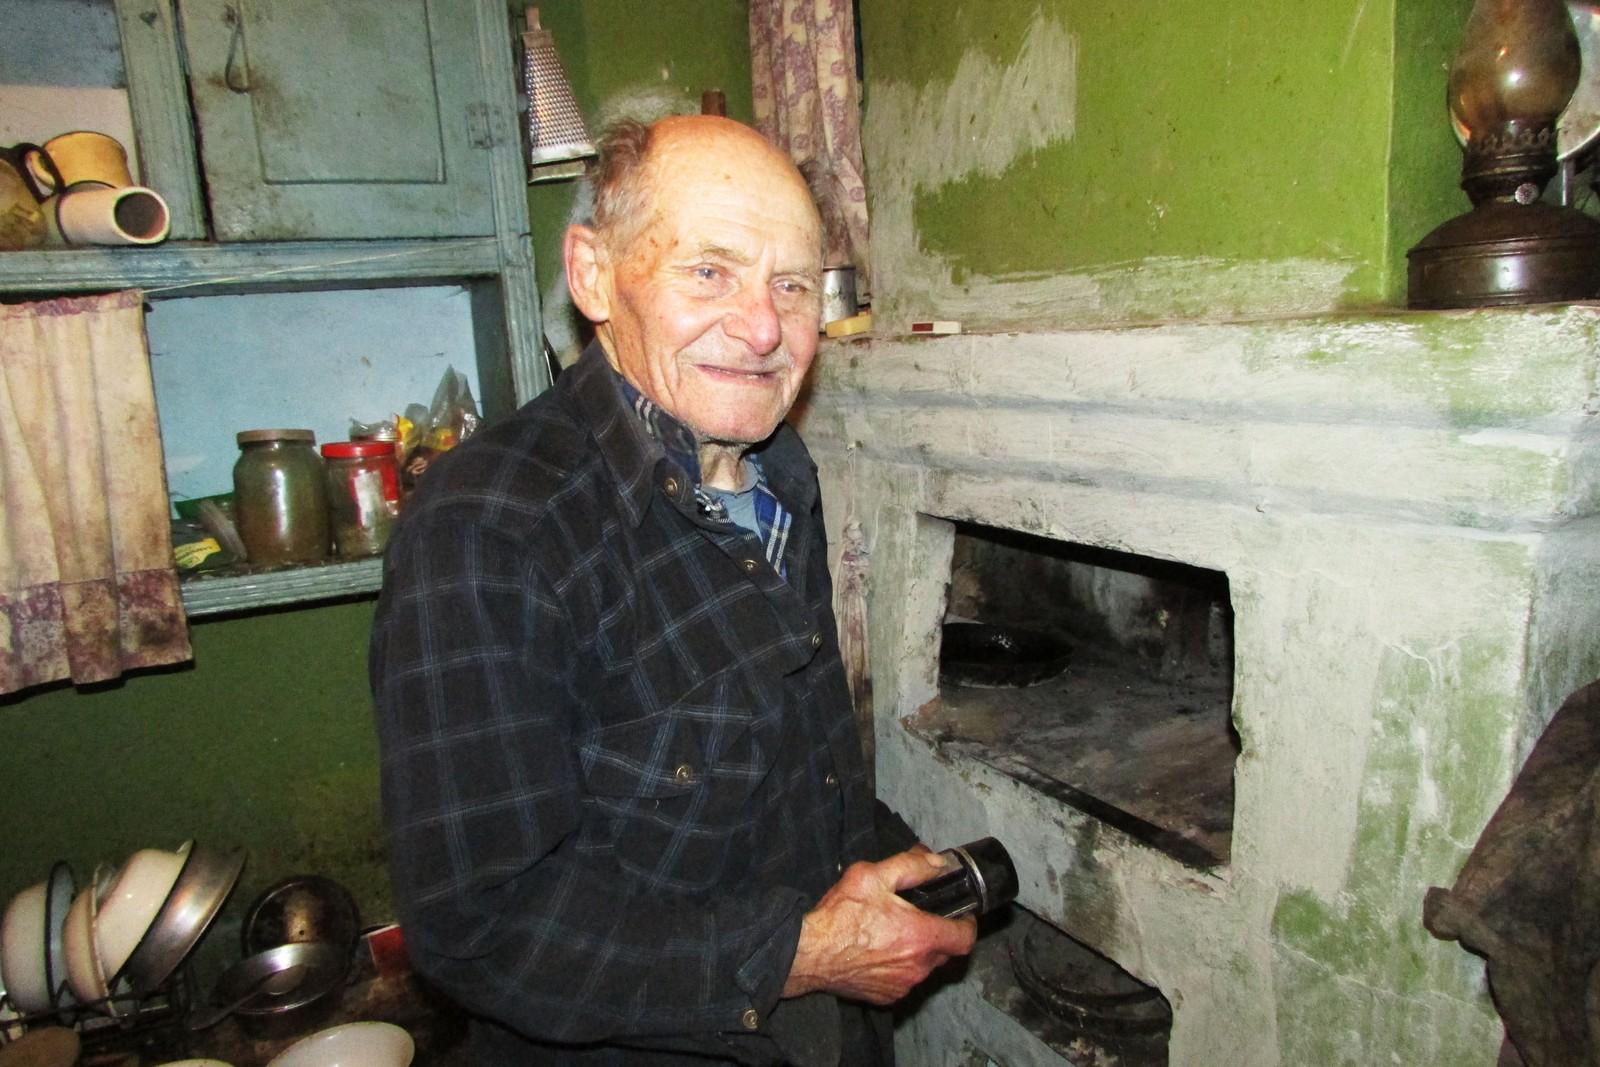 Ivan Ivanovitsj viser frem ovnen som tar opp store deler av den kombinerte stuen og soverommet og sørger for at det er varmt innendørs i et område der vintertemperaturen kan komme ned i 25-30 minusgrader.